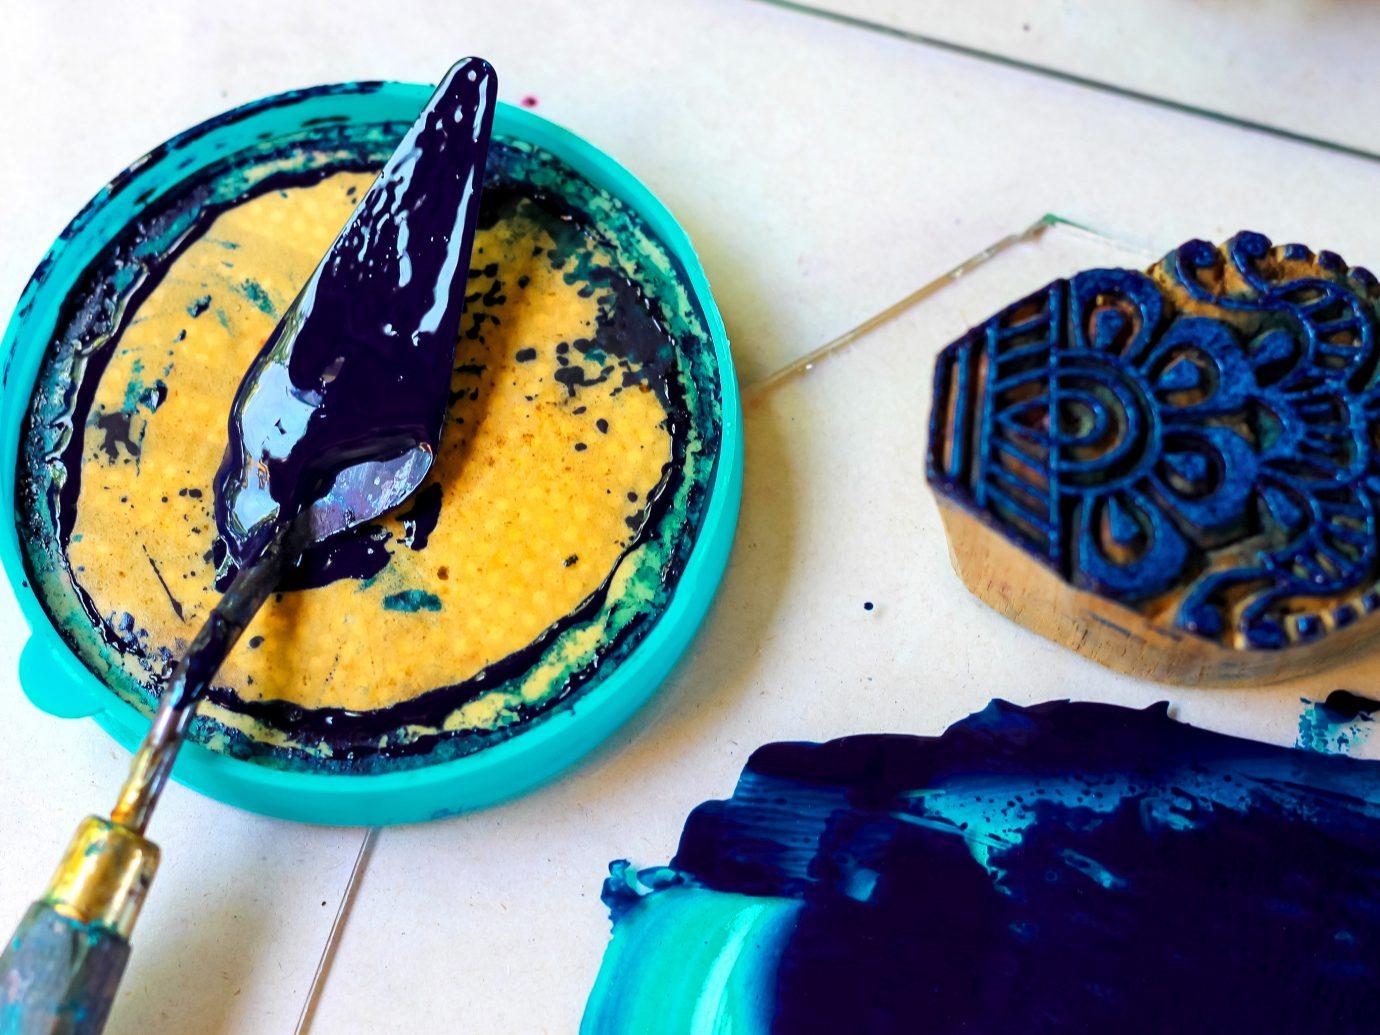 Travel Tips color blue food dessert art cake icing produce flower flavor